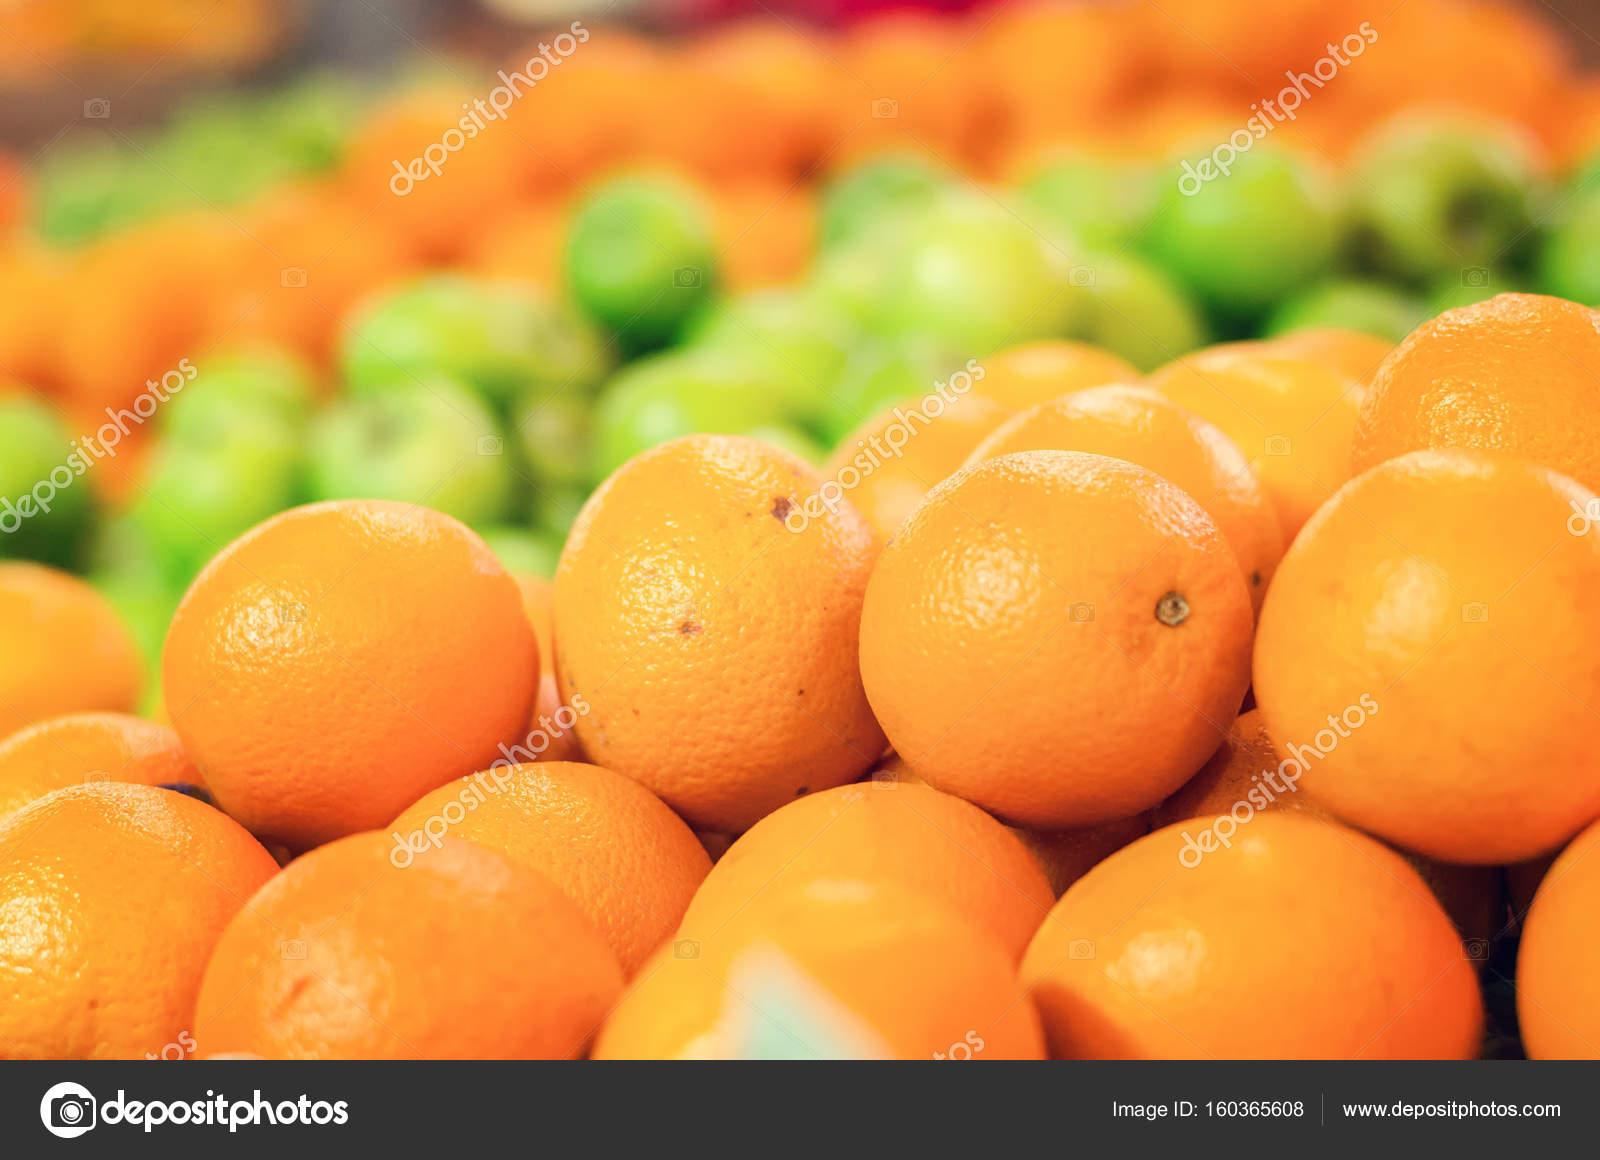 hermosa combinación, naranja y verde manzana fondo pantalla color en ...